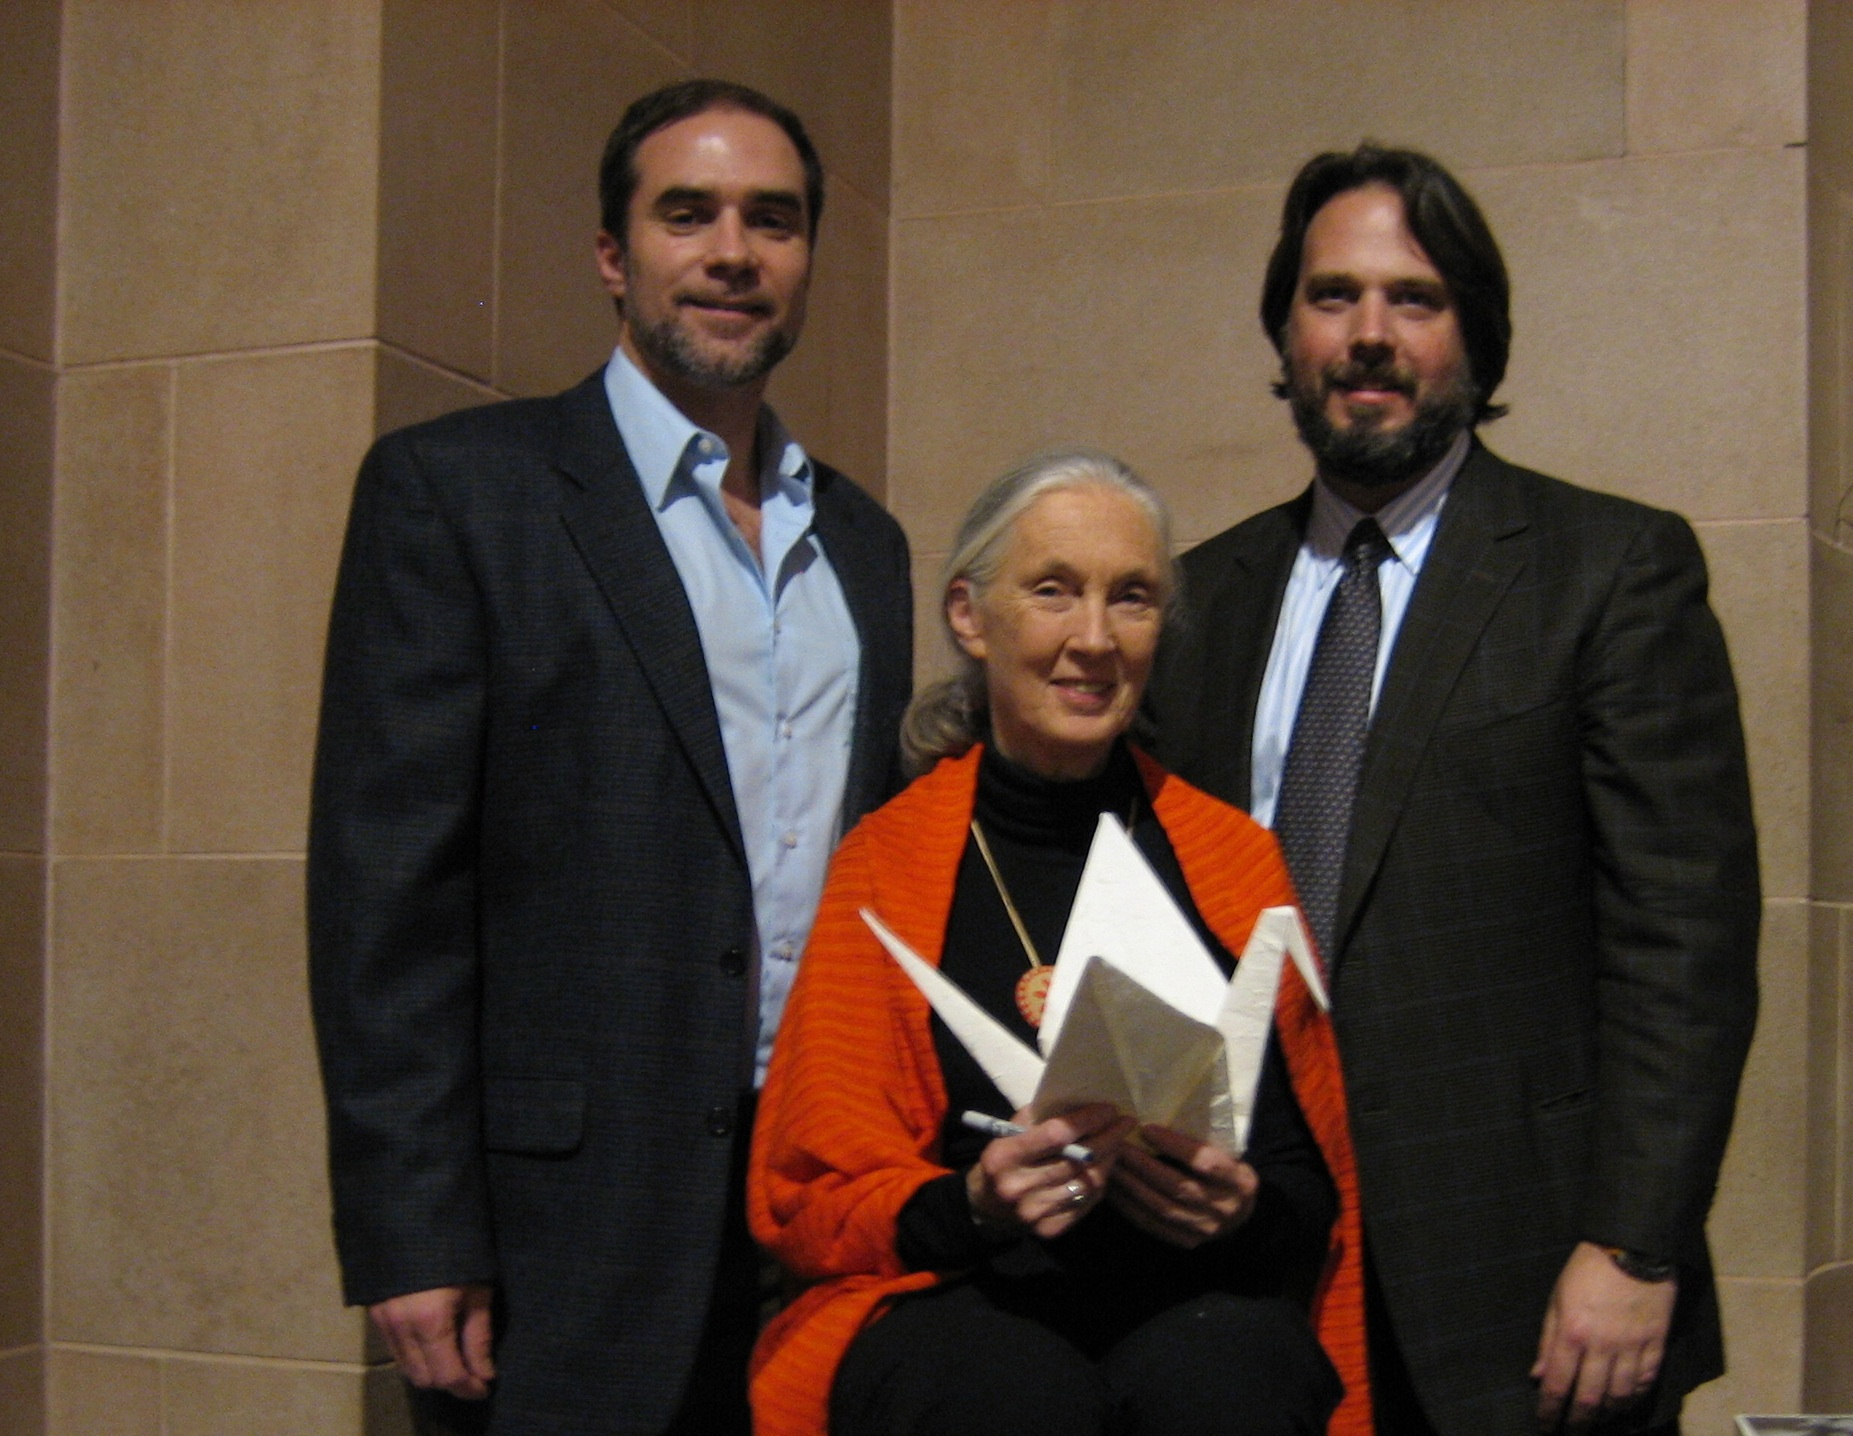 Jeff Cotter, Dame Jane Goodall, Paul Stankiewicz